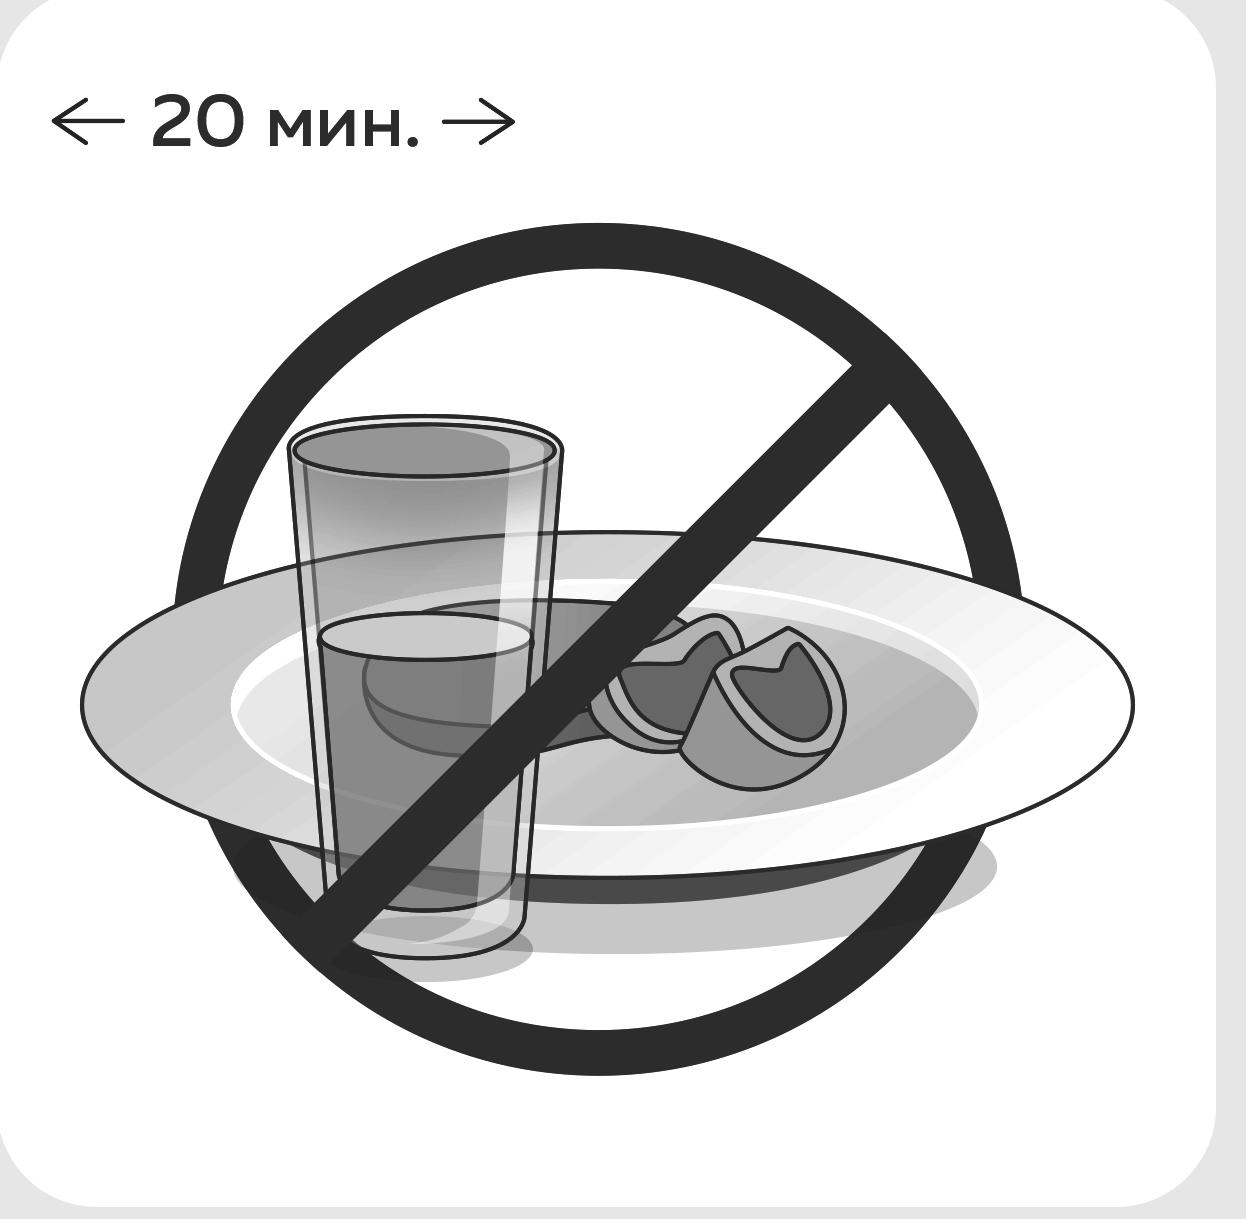 седьмое изображение инструкции